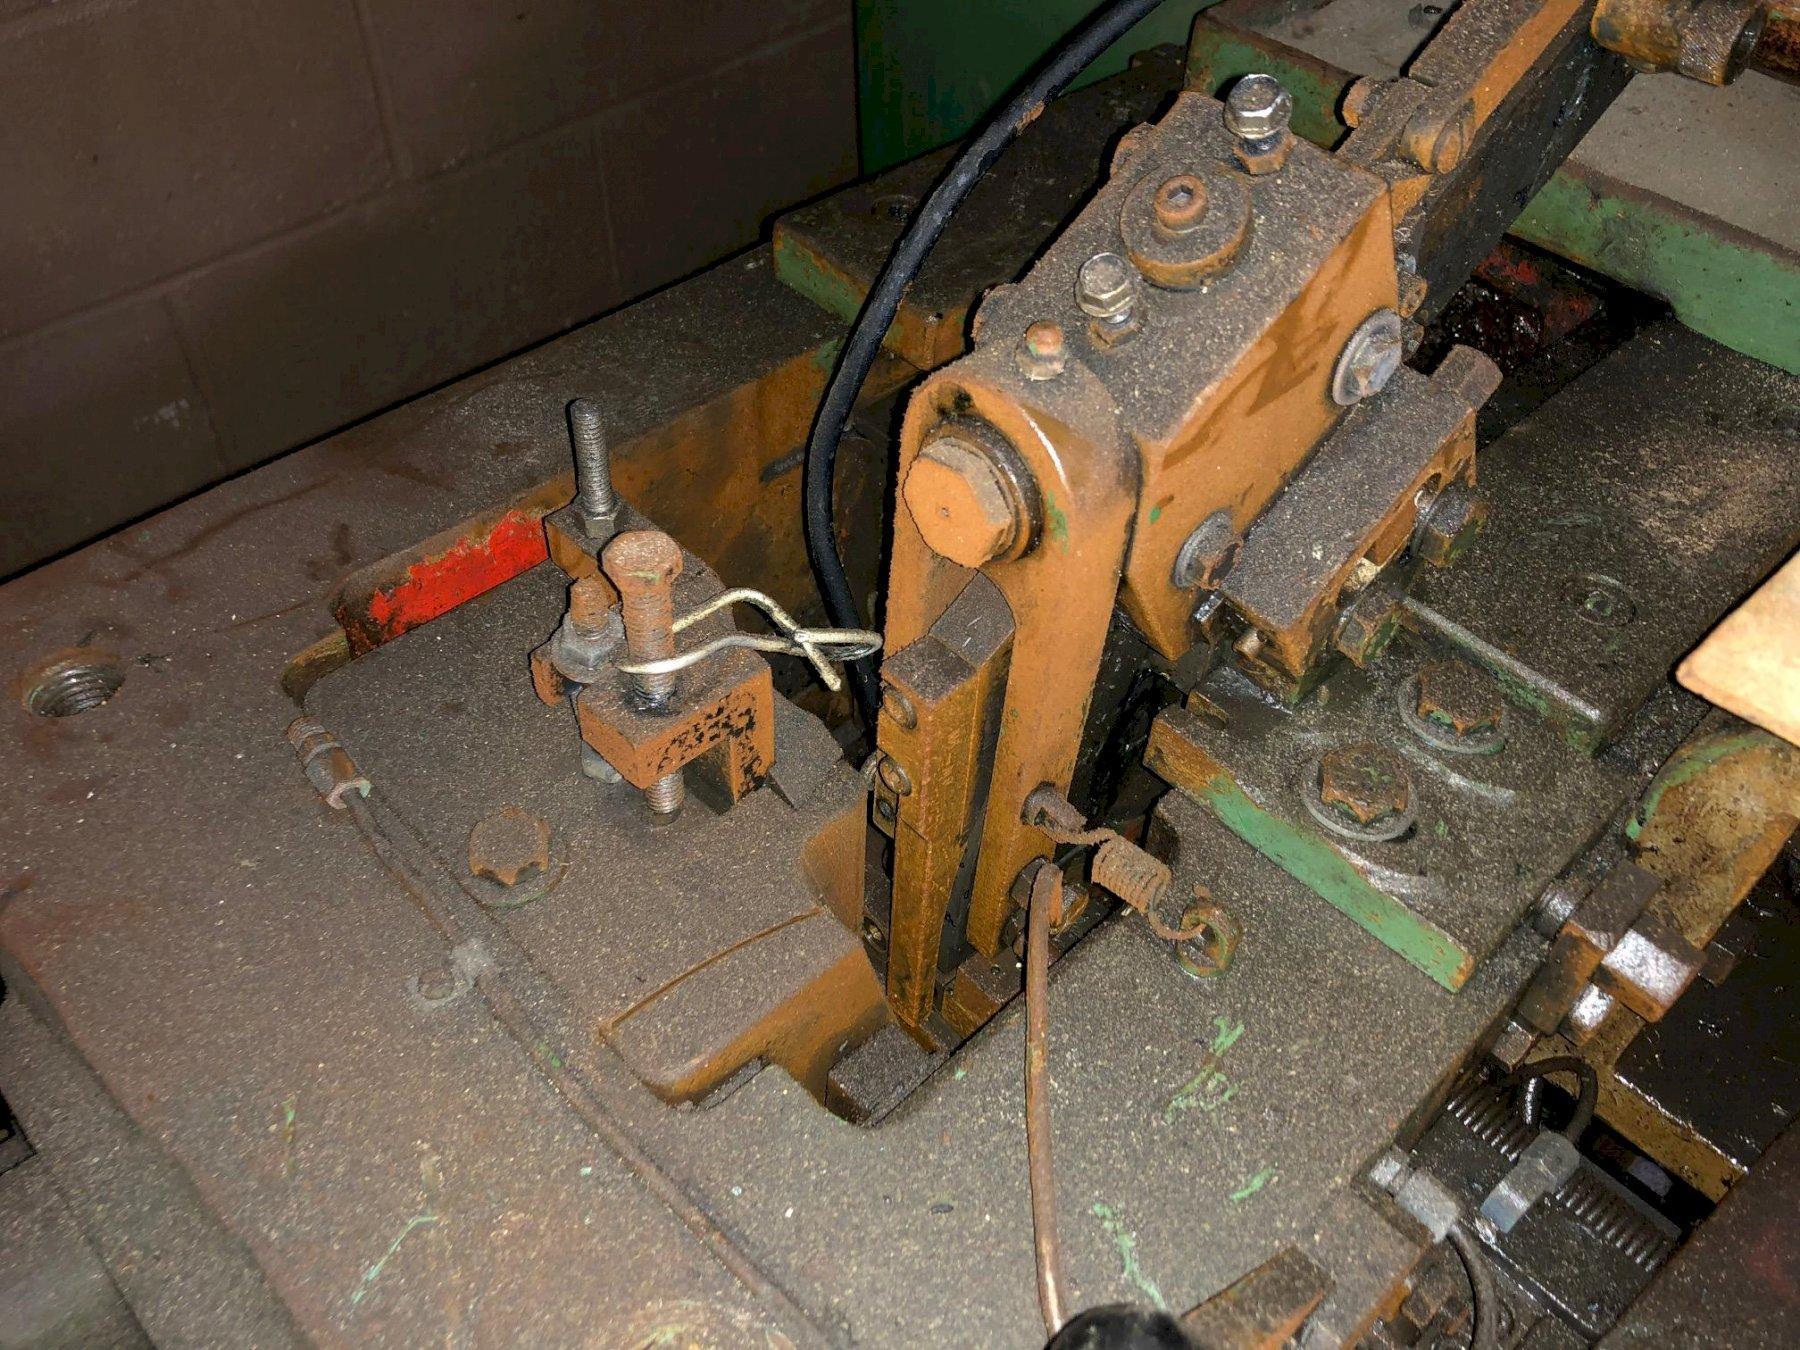 Hilgeland Model ME2VM Trimmer